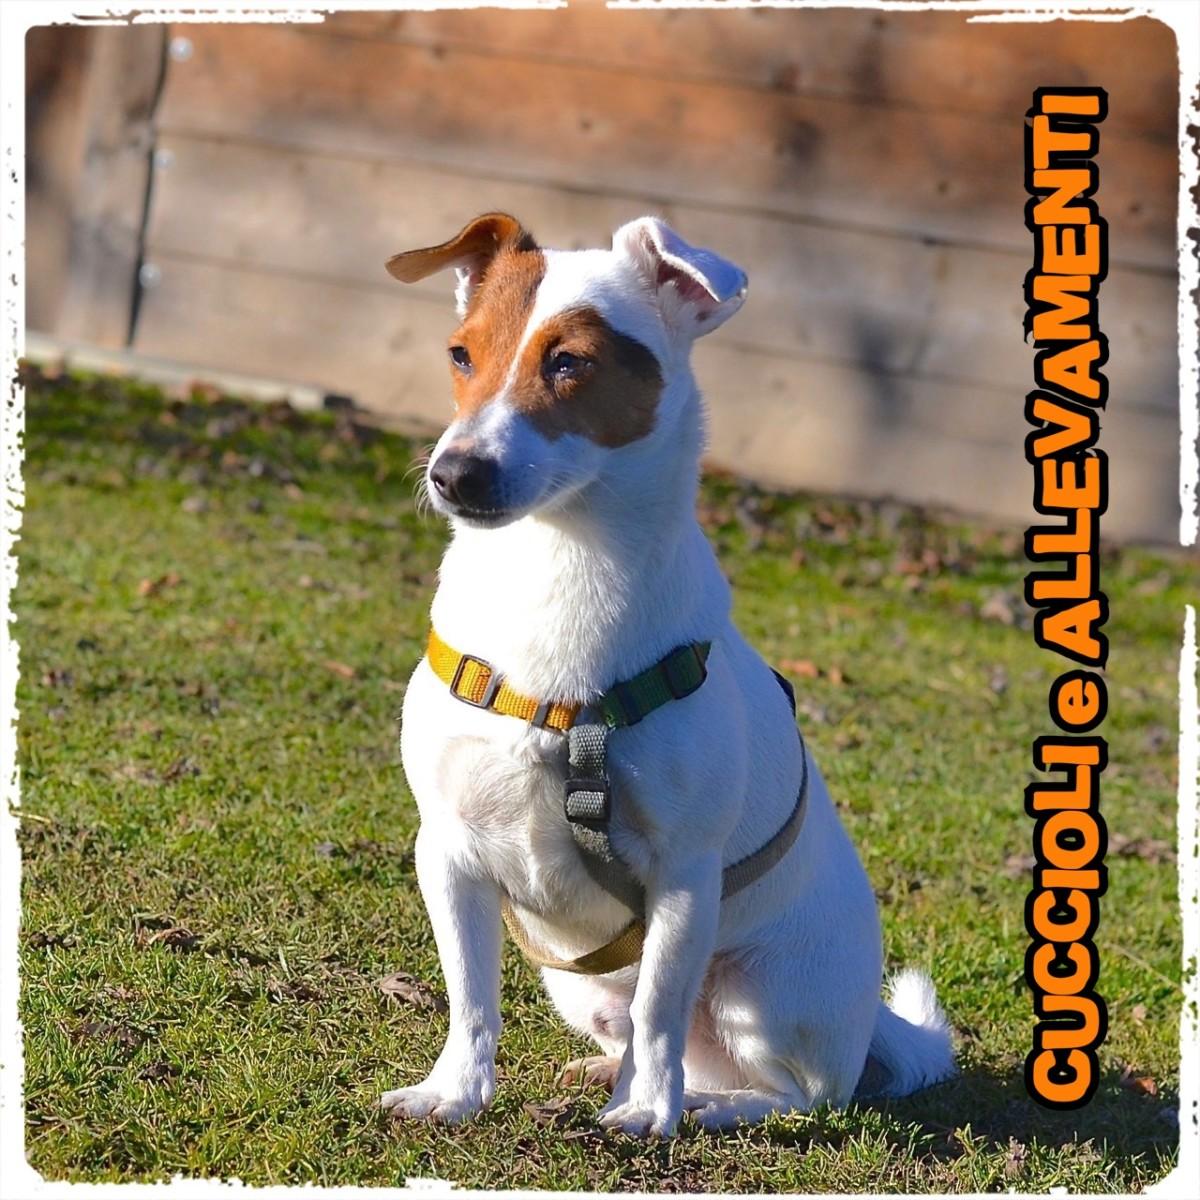 Educazione del cane – Comandare o meglio chiedere !?